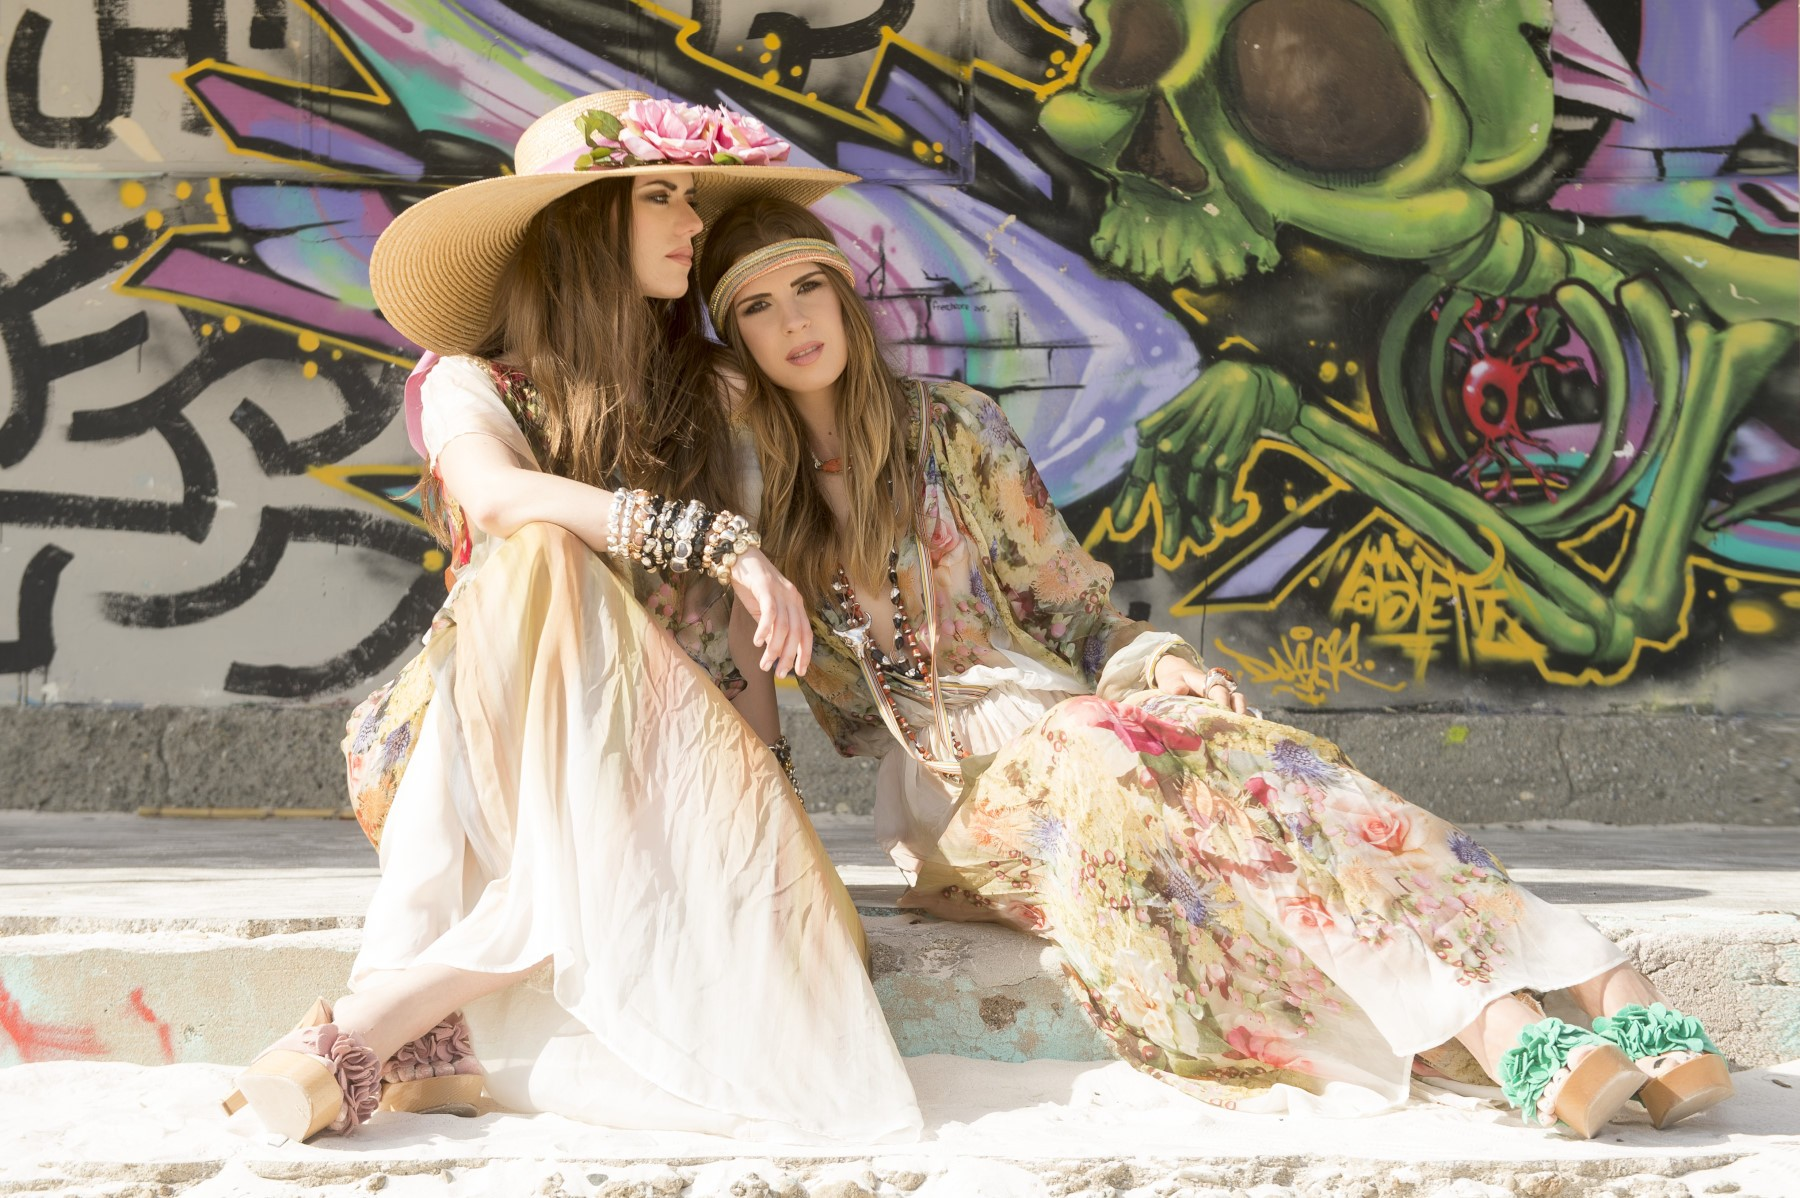 ROP70_080_editoriale Fashion/Adv